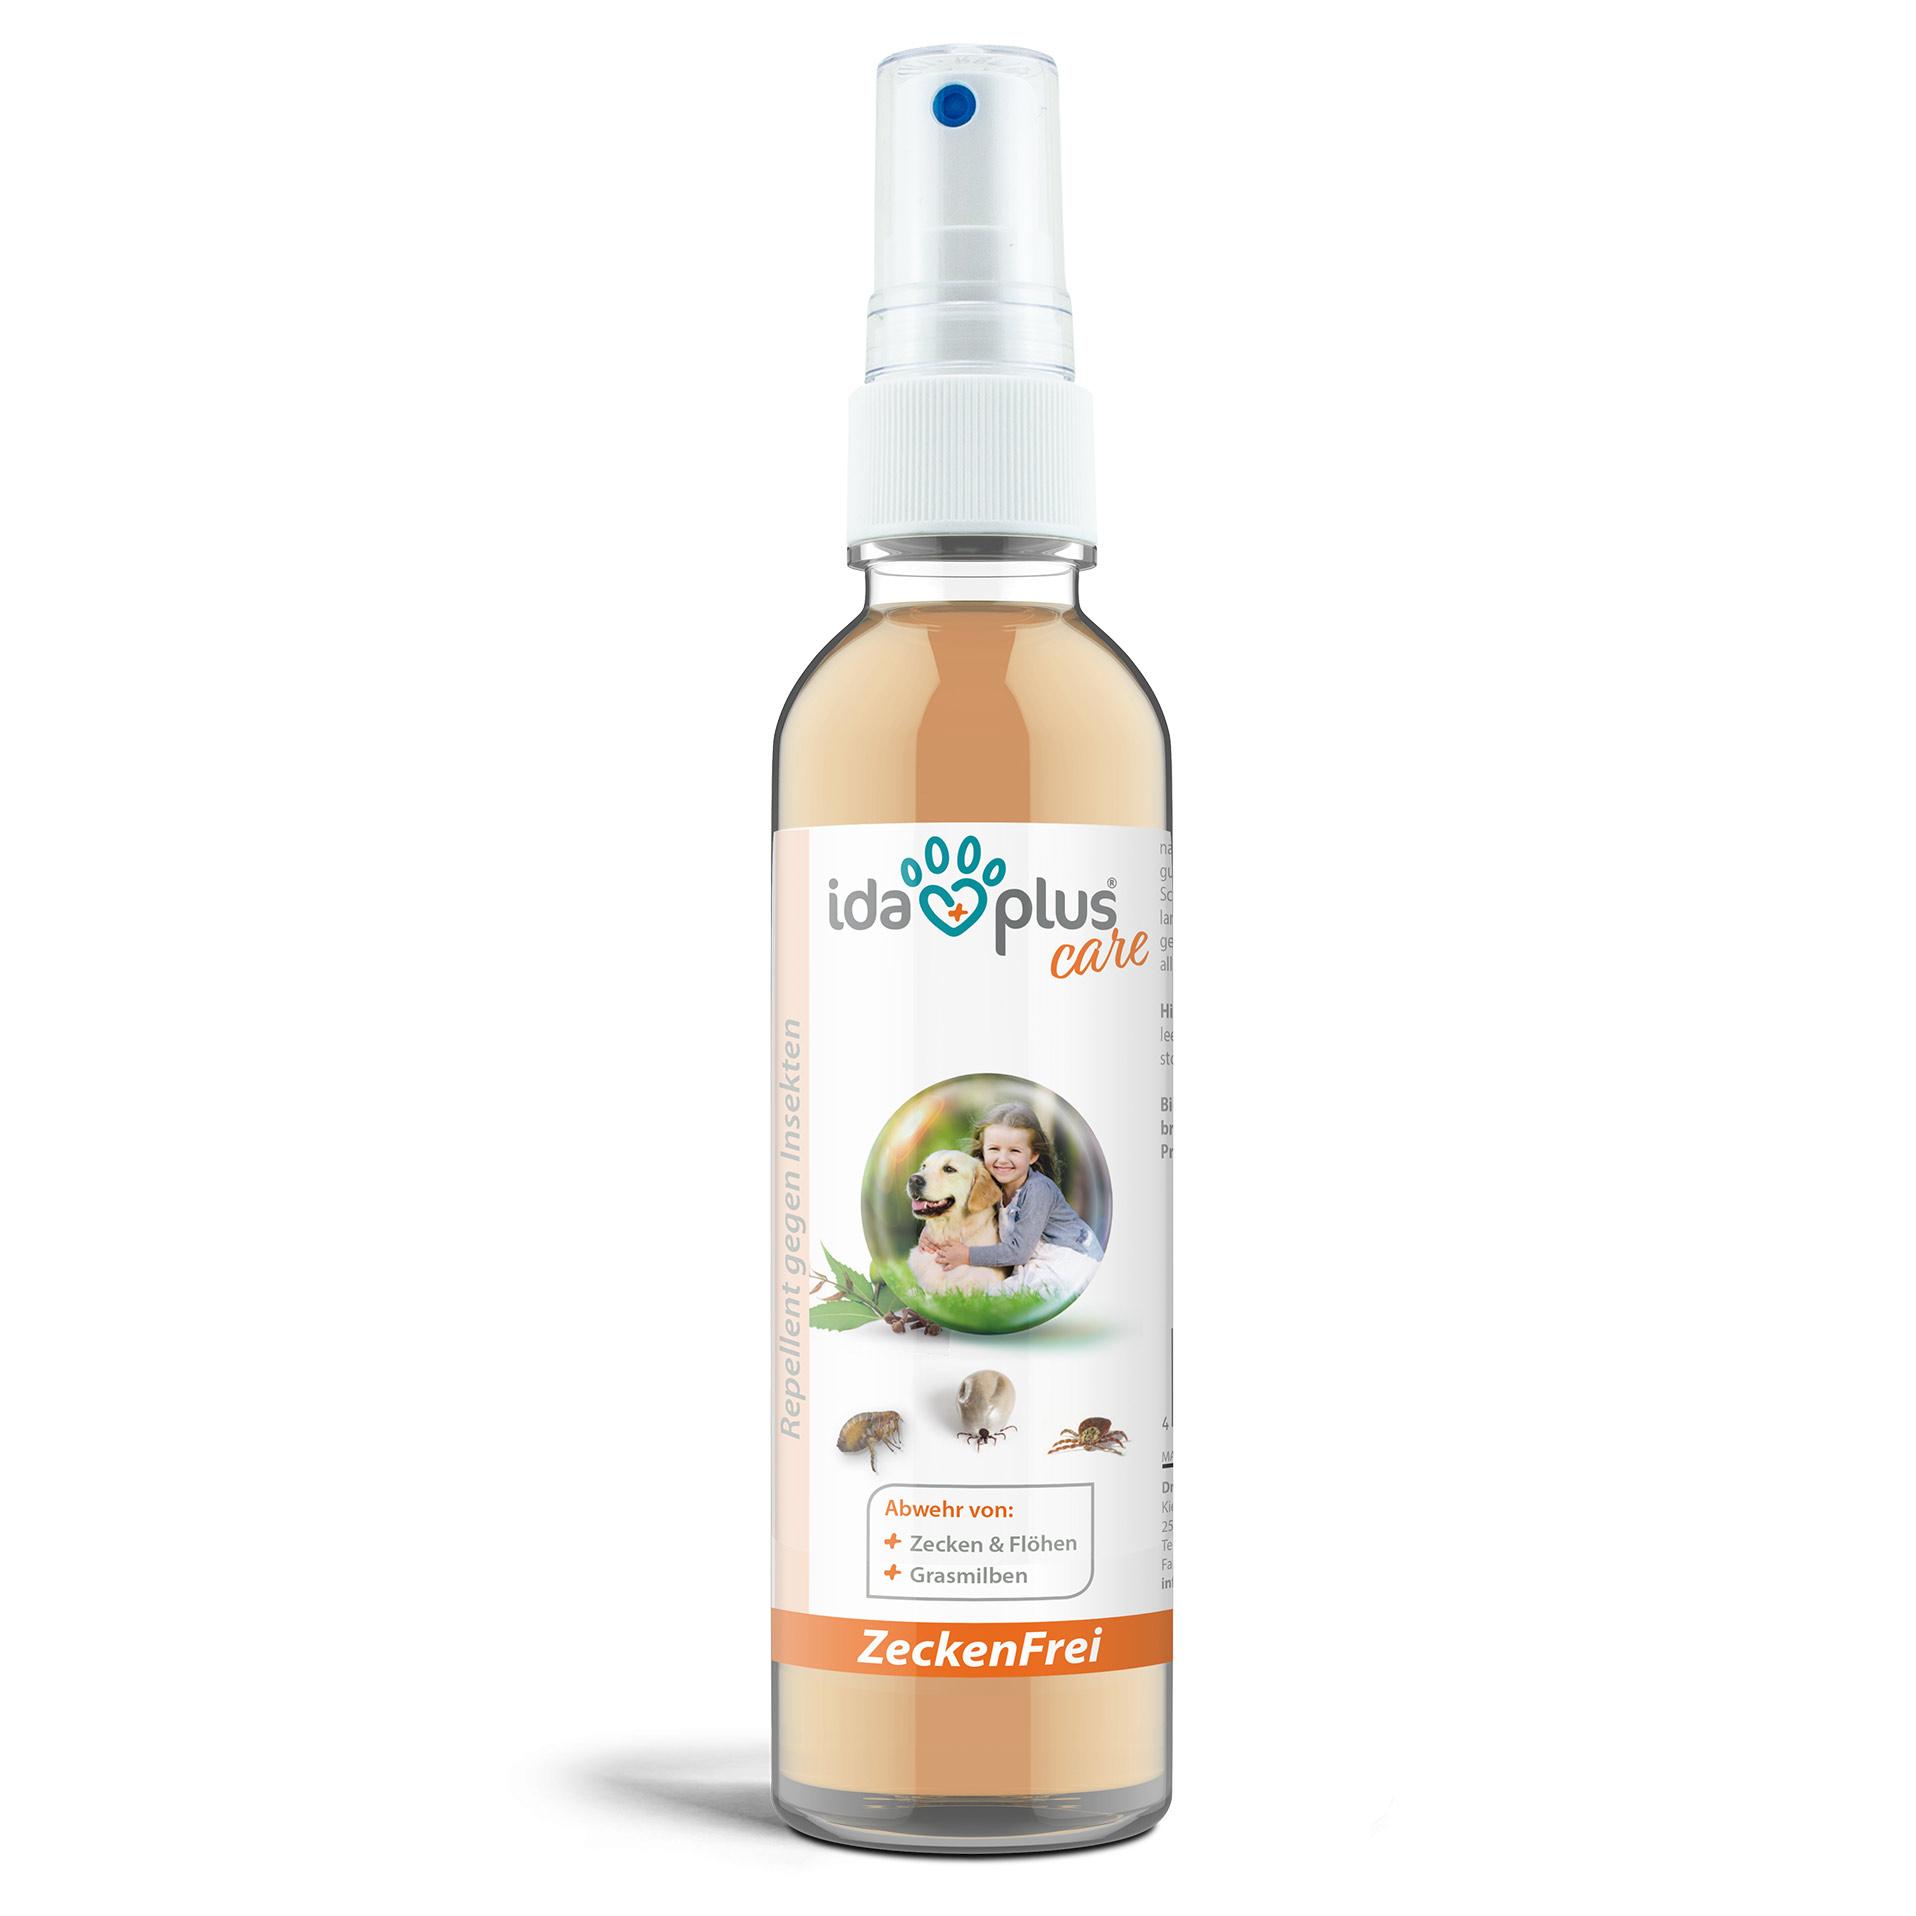 Zeckenfrei - Zeckenspray - Geraniol & Nelkenblätteröl zum Insektenschutz - 200 ml